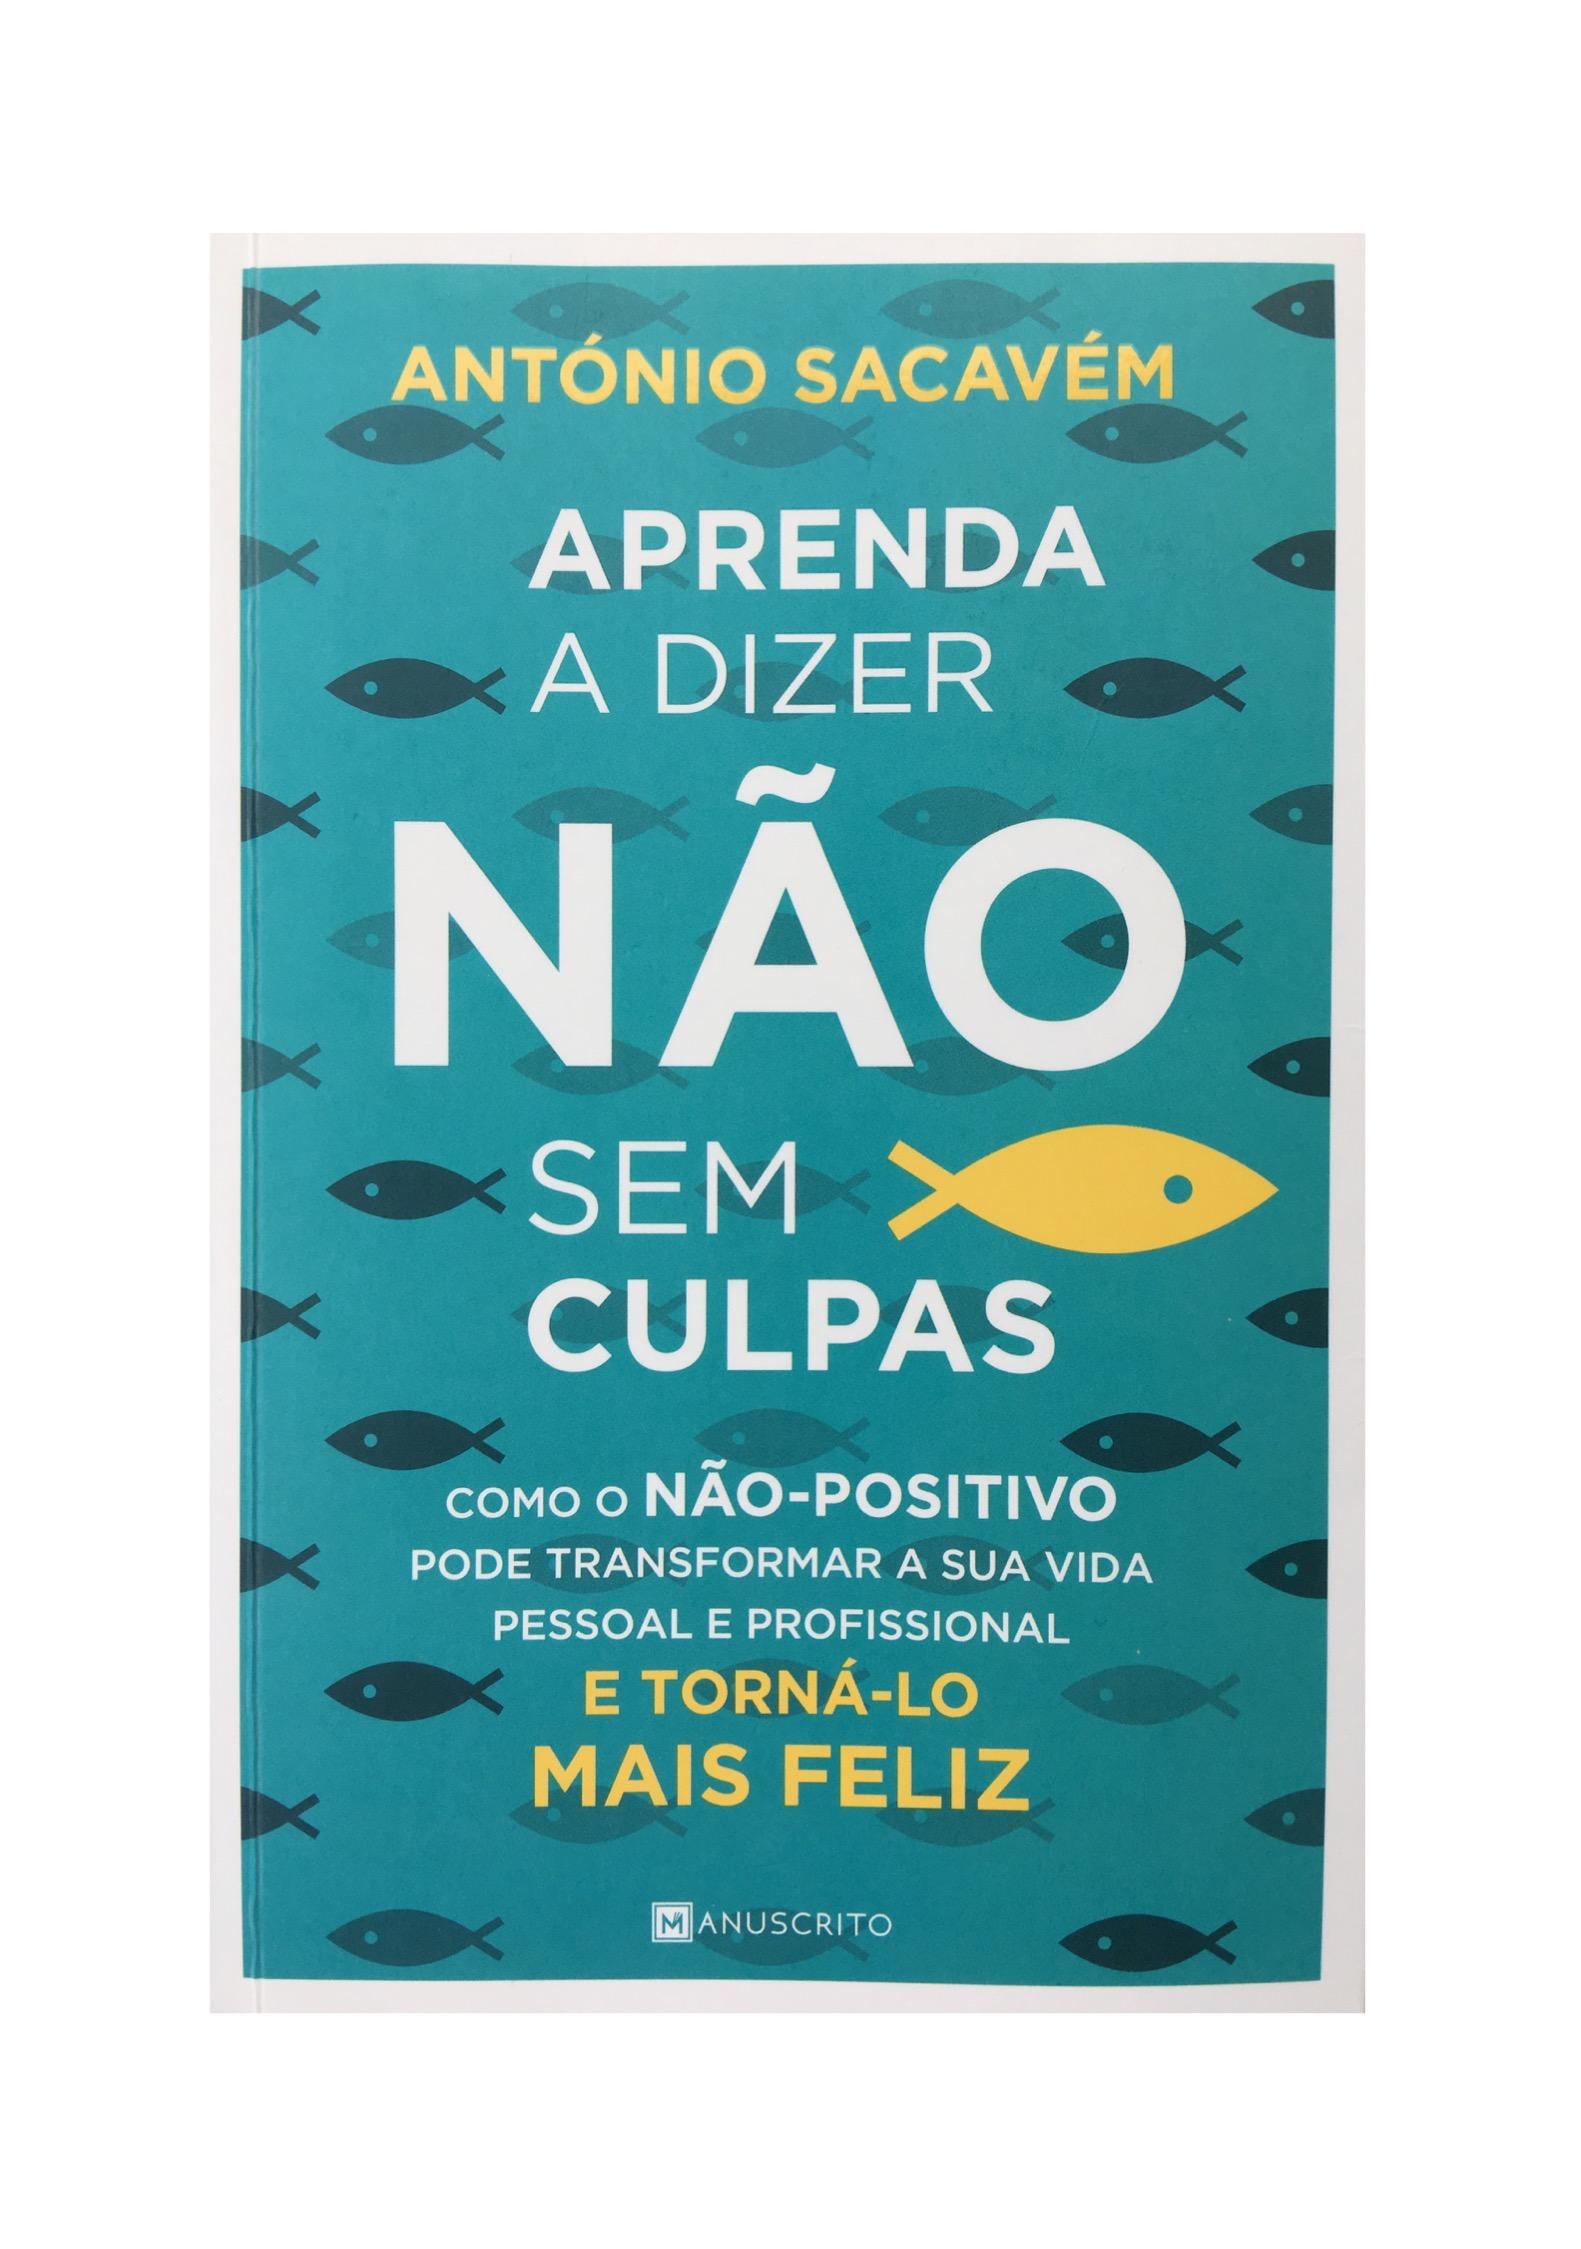 Book - António Sacavem